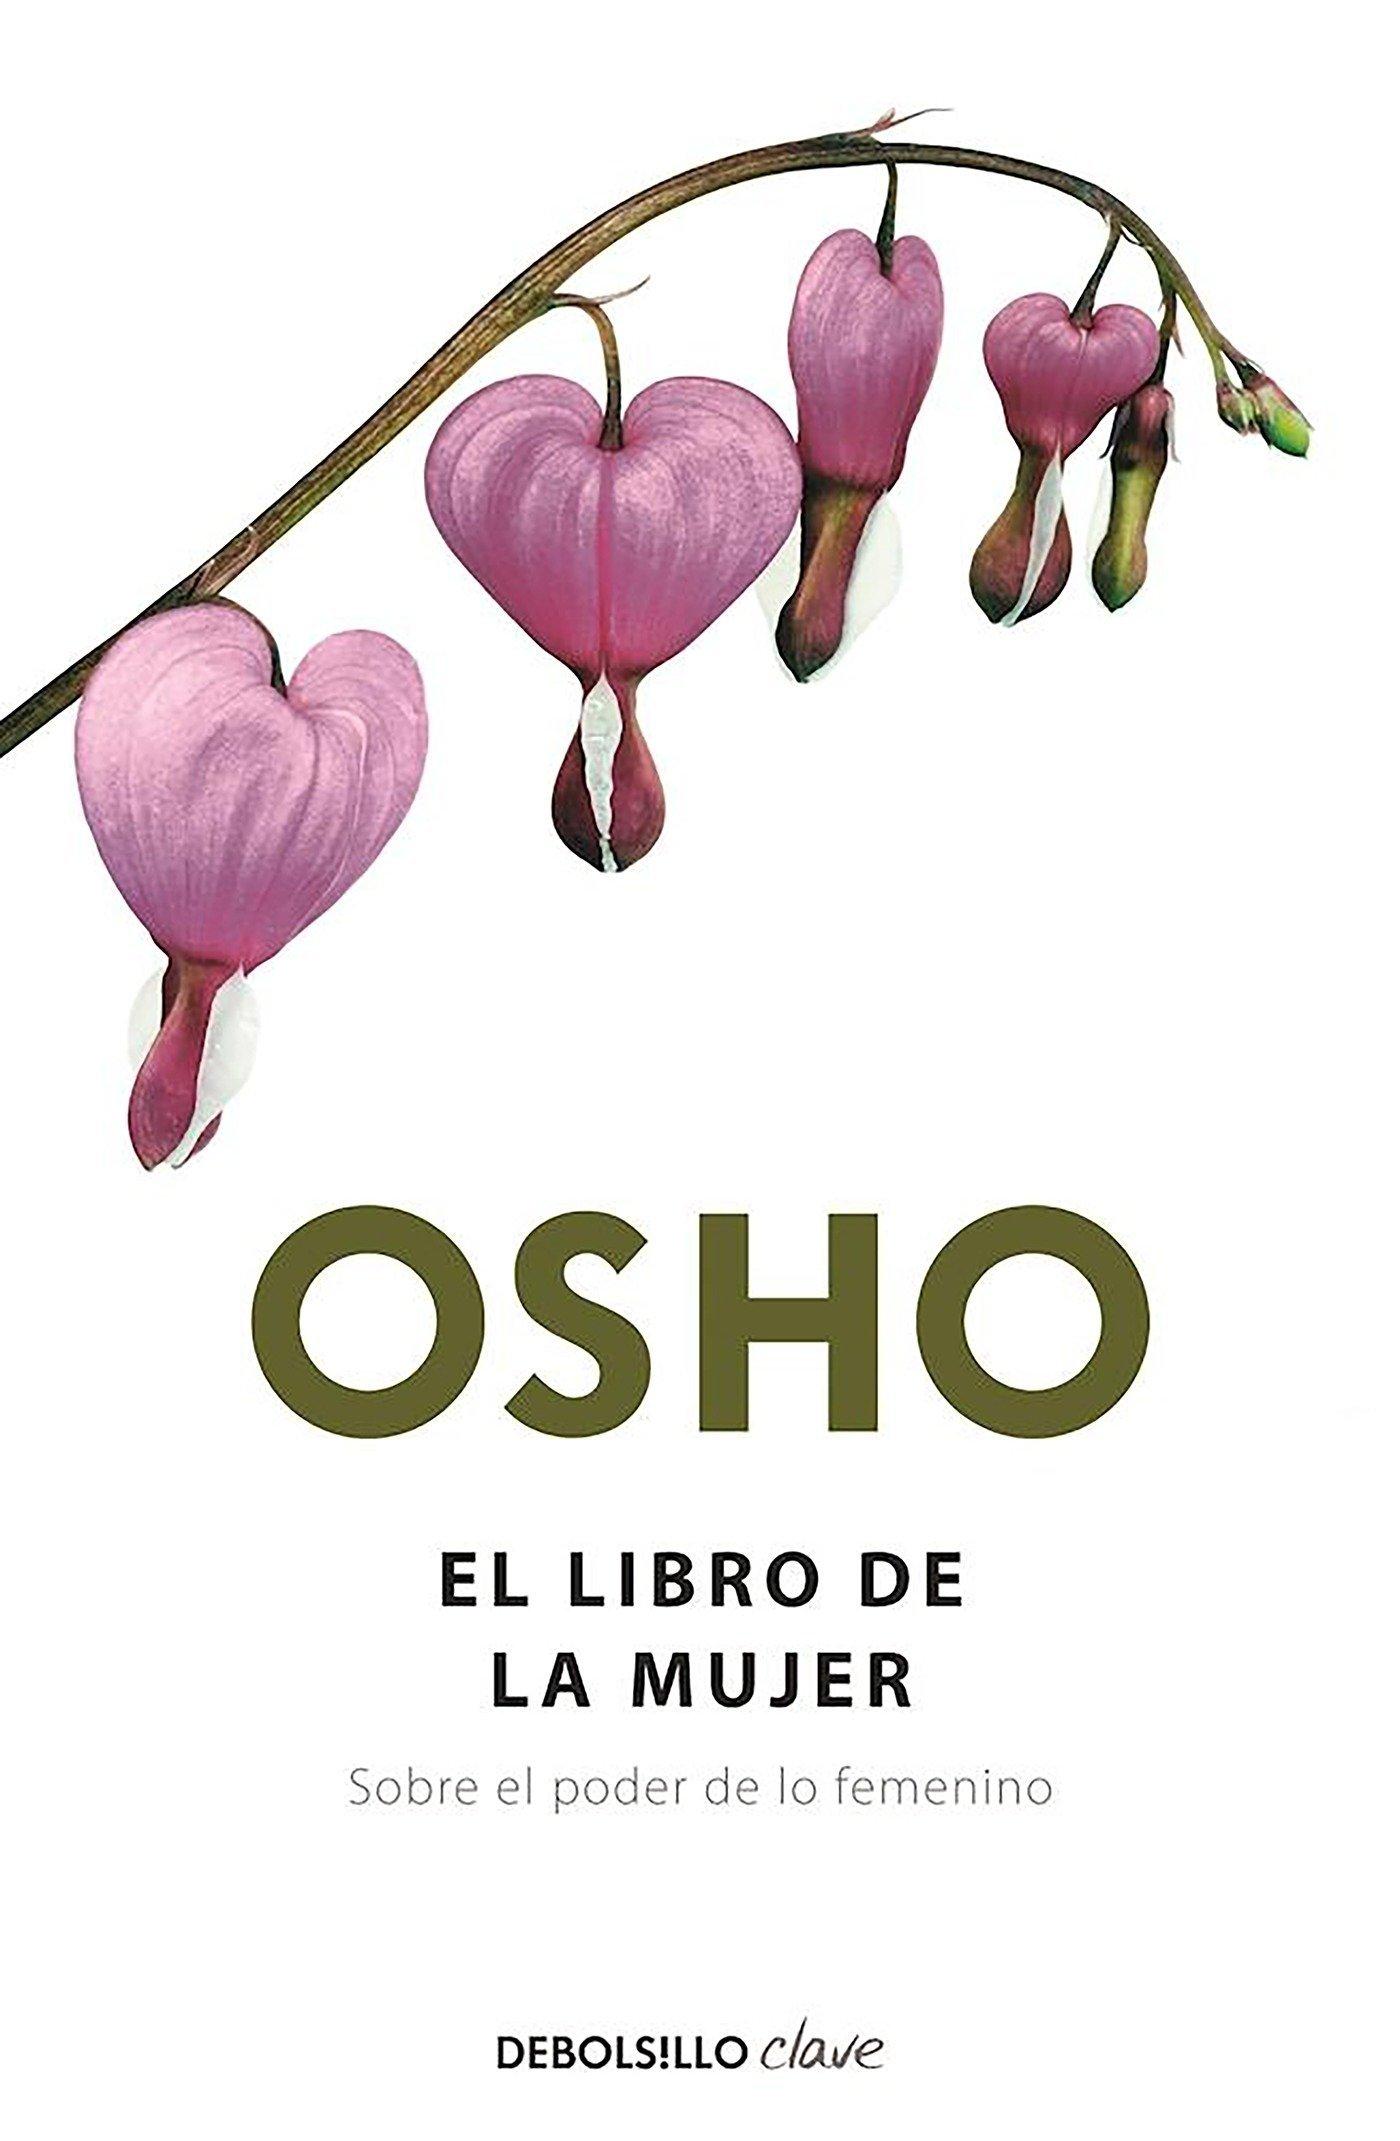 El libro de la mujer: Sobre el poder de lo femenino CLAVE: Amazon.es: Osho: Libros